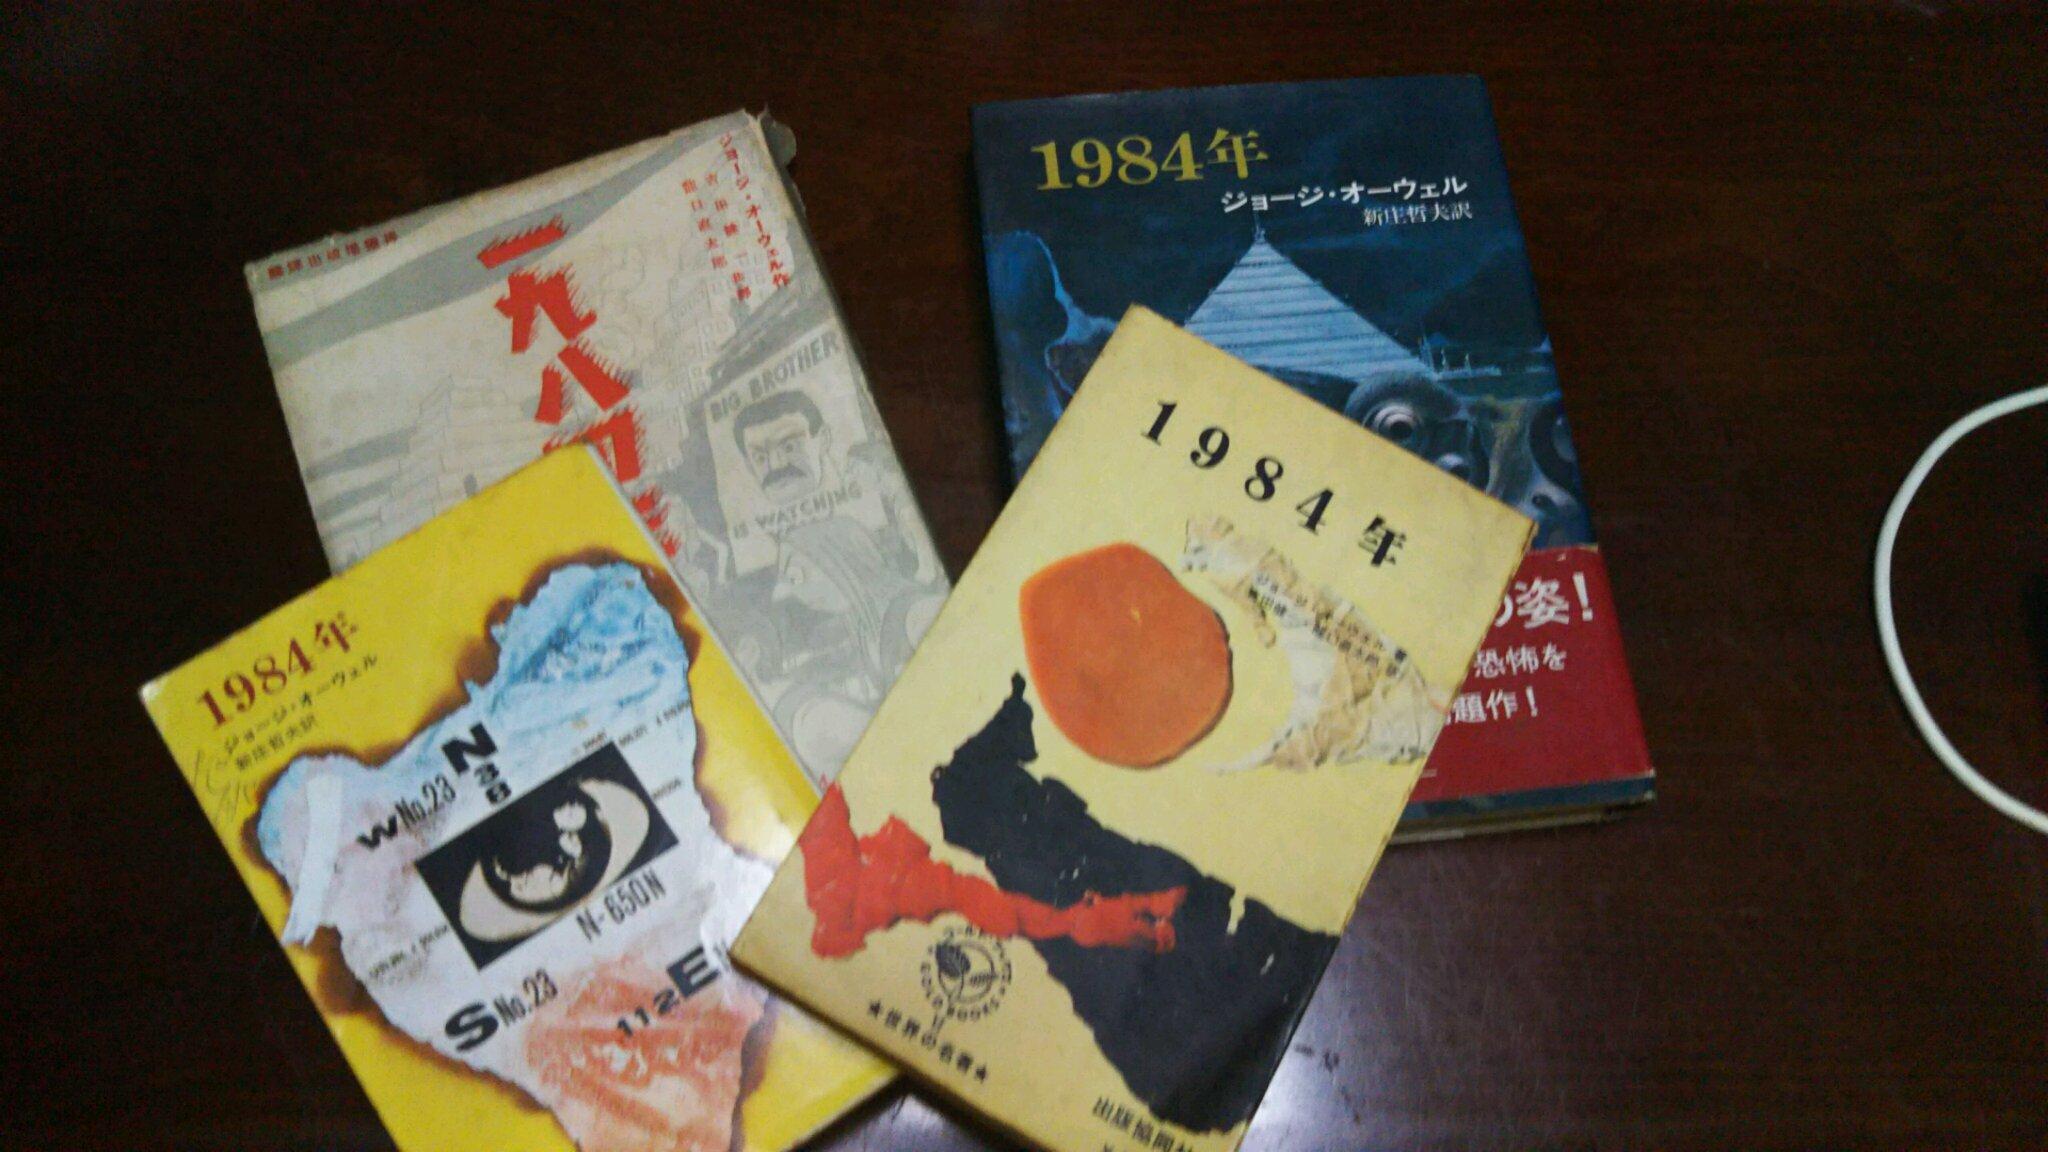 DSC_0023 1984。日本版。カバー。